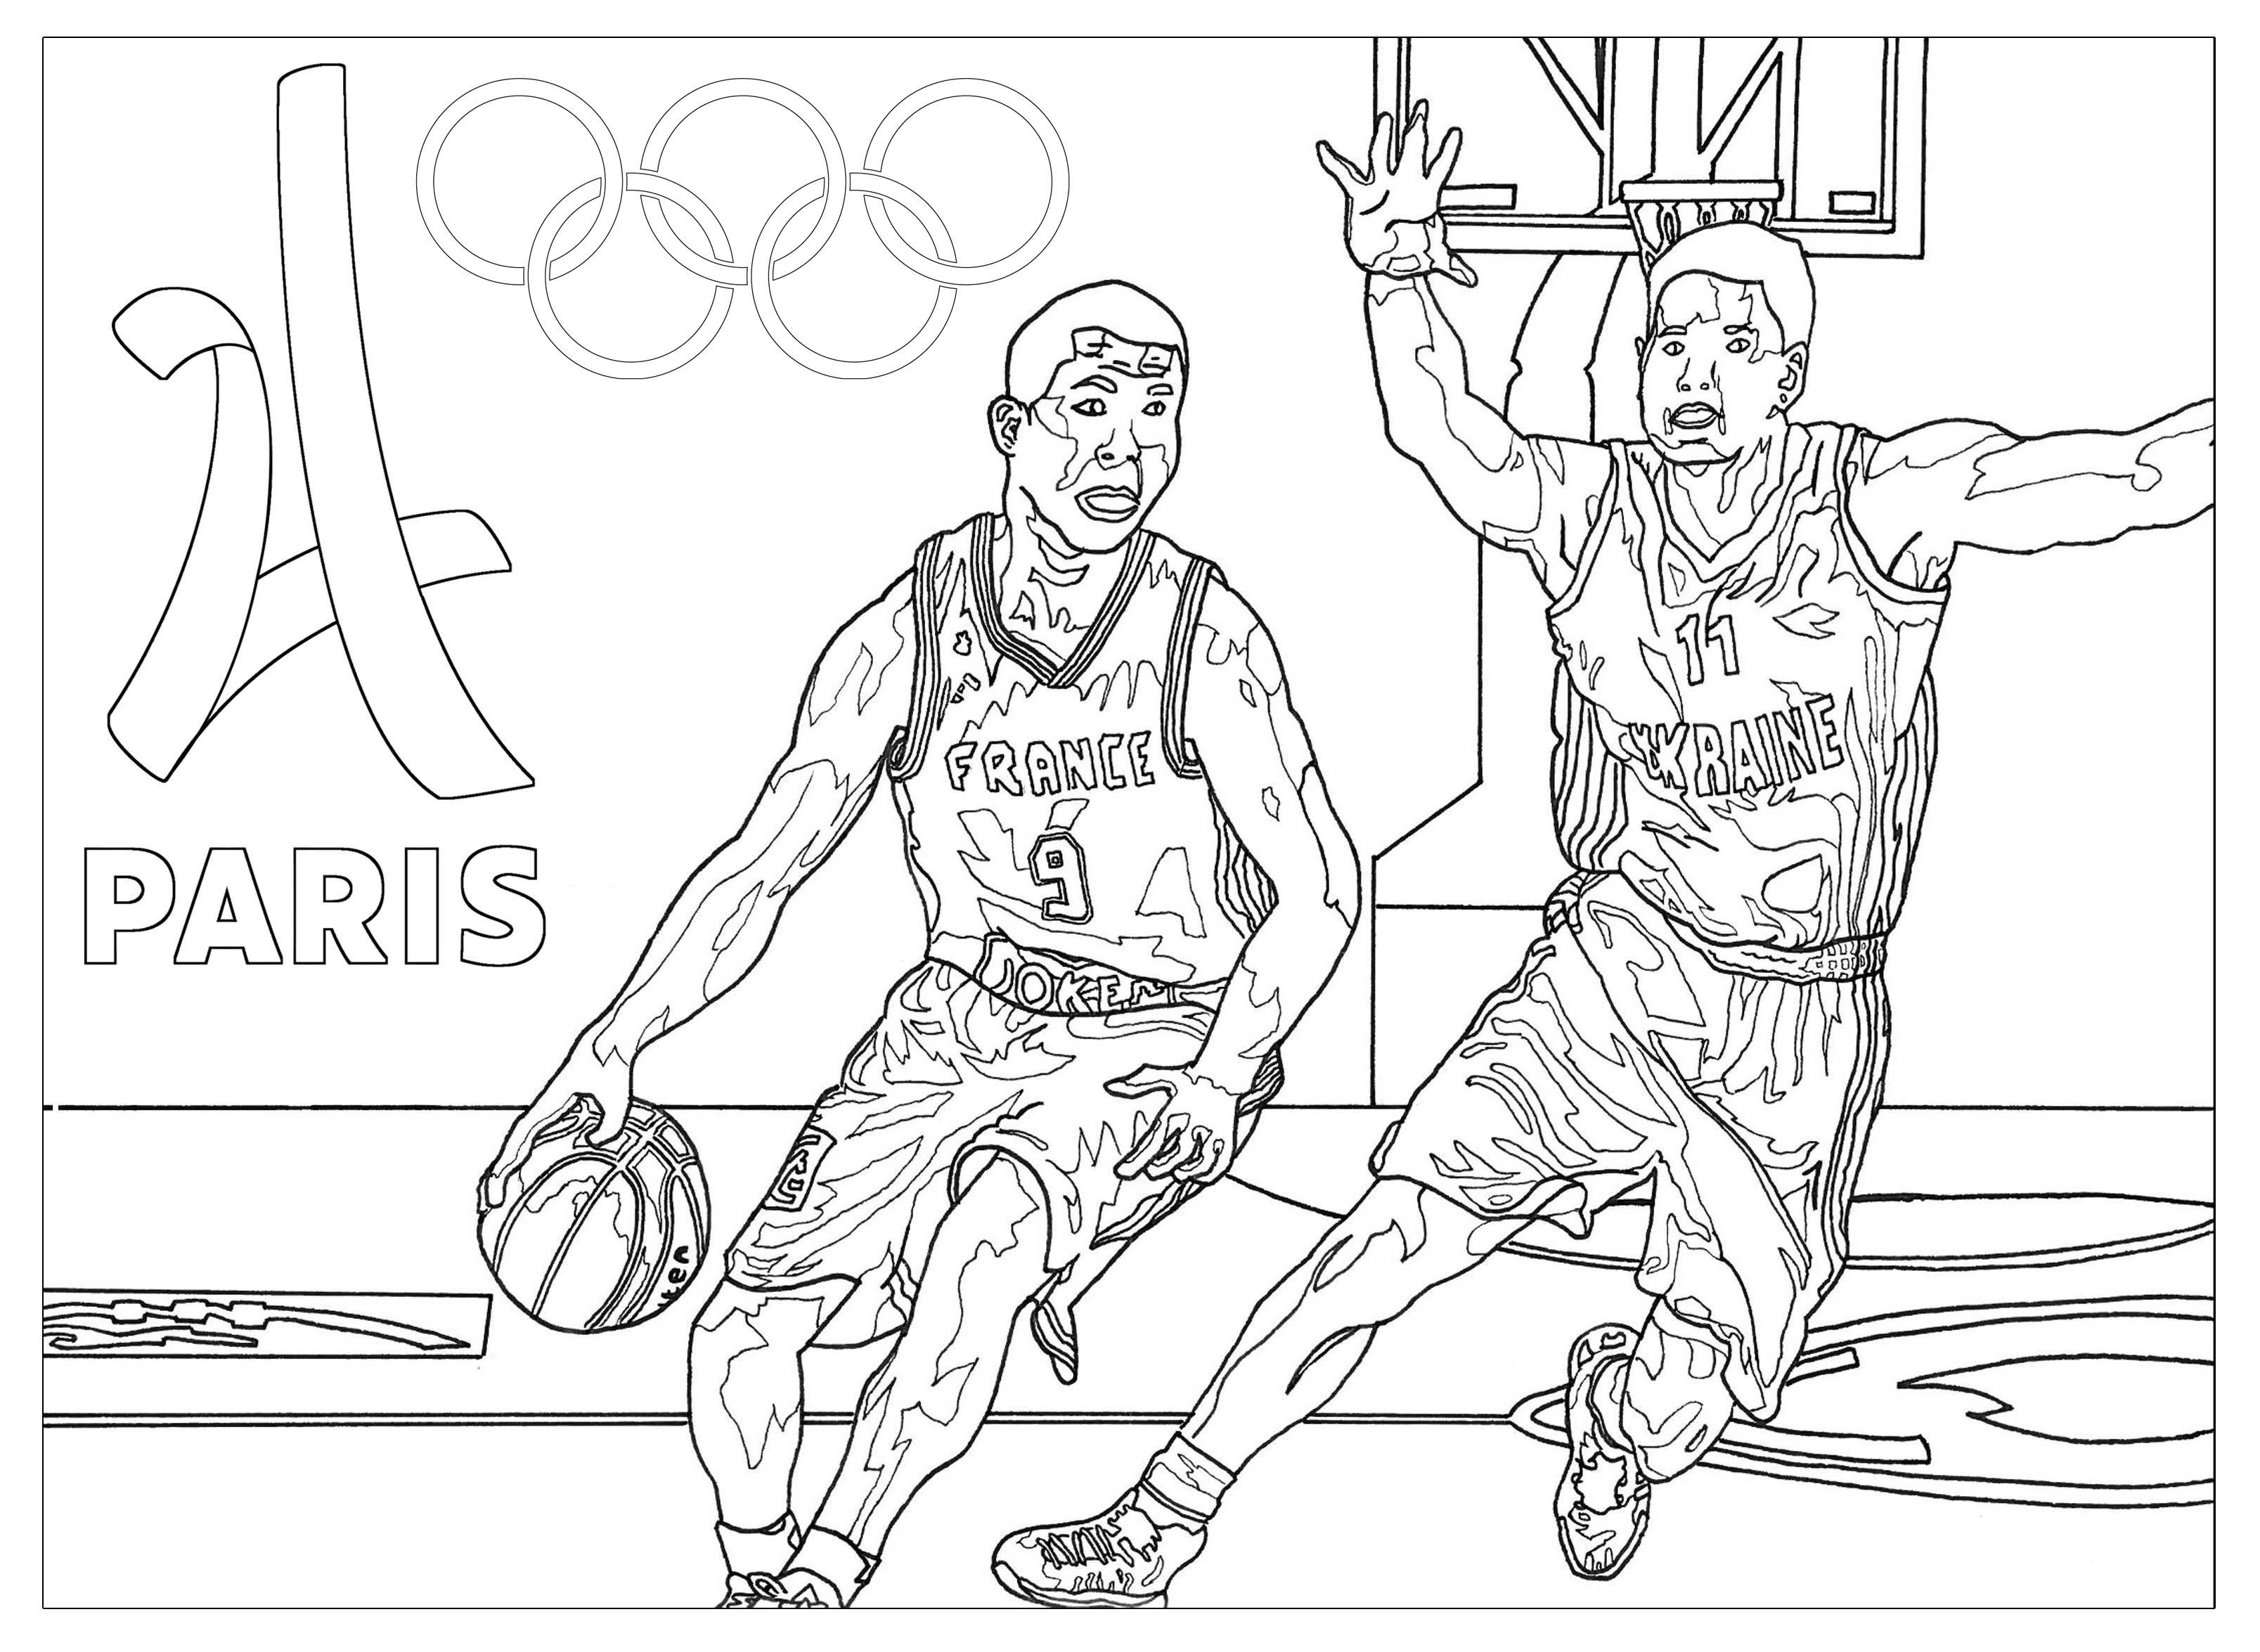 Jeux Olympiques Basketball - Coloriage Sur Les Jeux encequiconcerne Jeux Coloriage